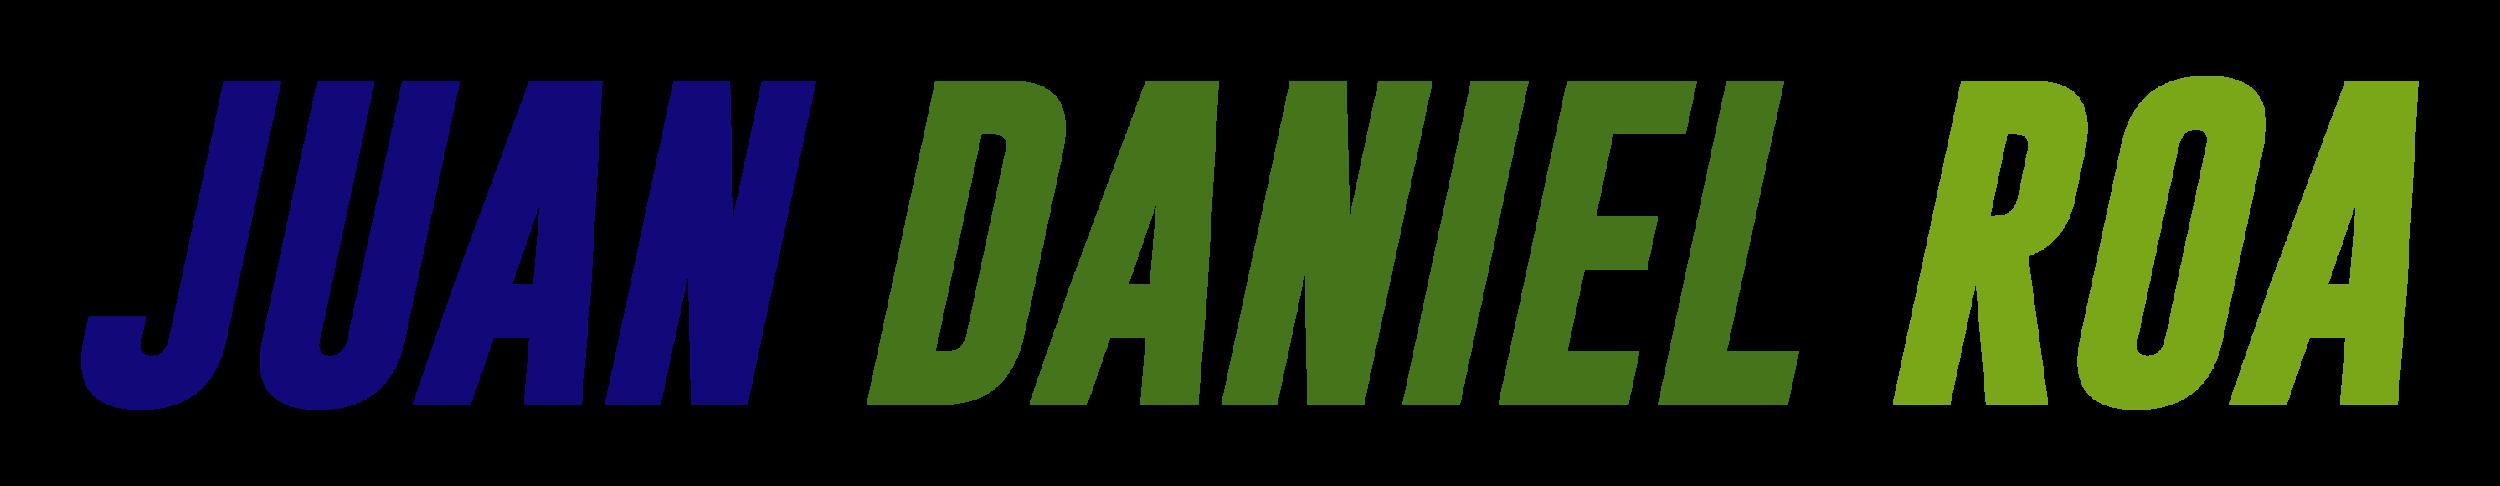 Juan Daniel Roa